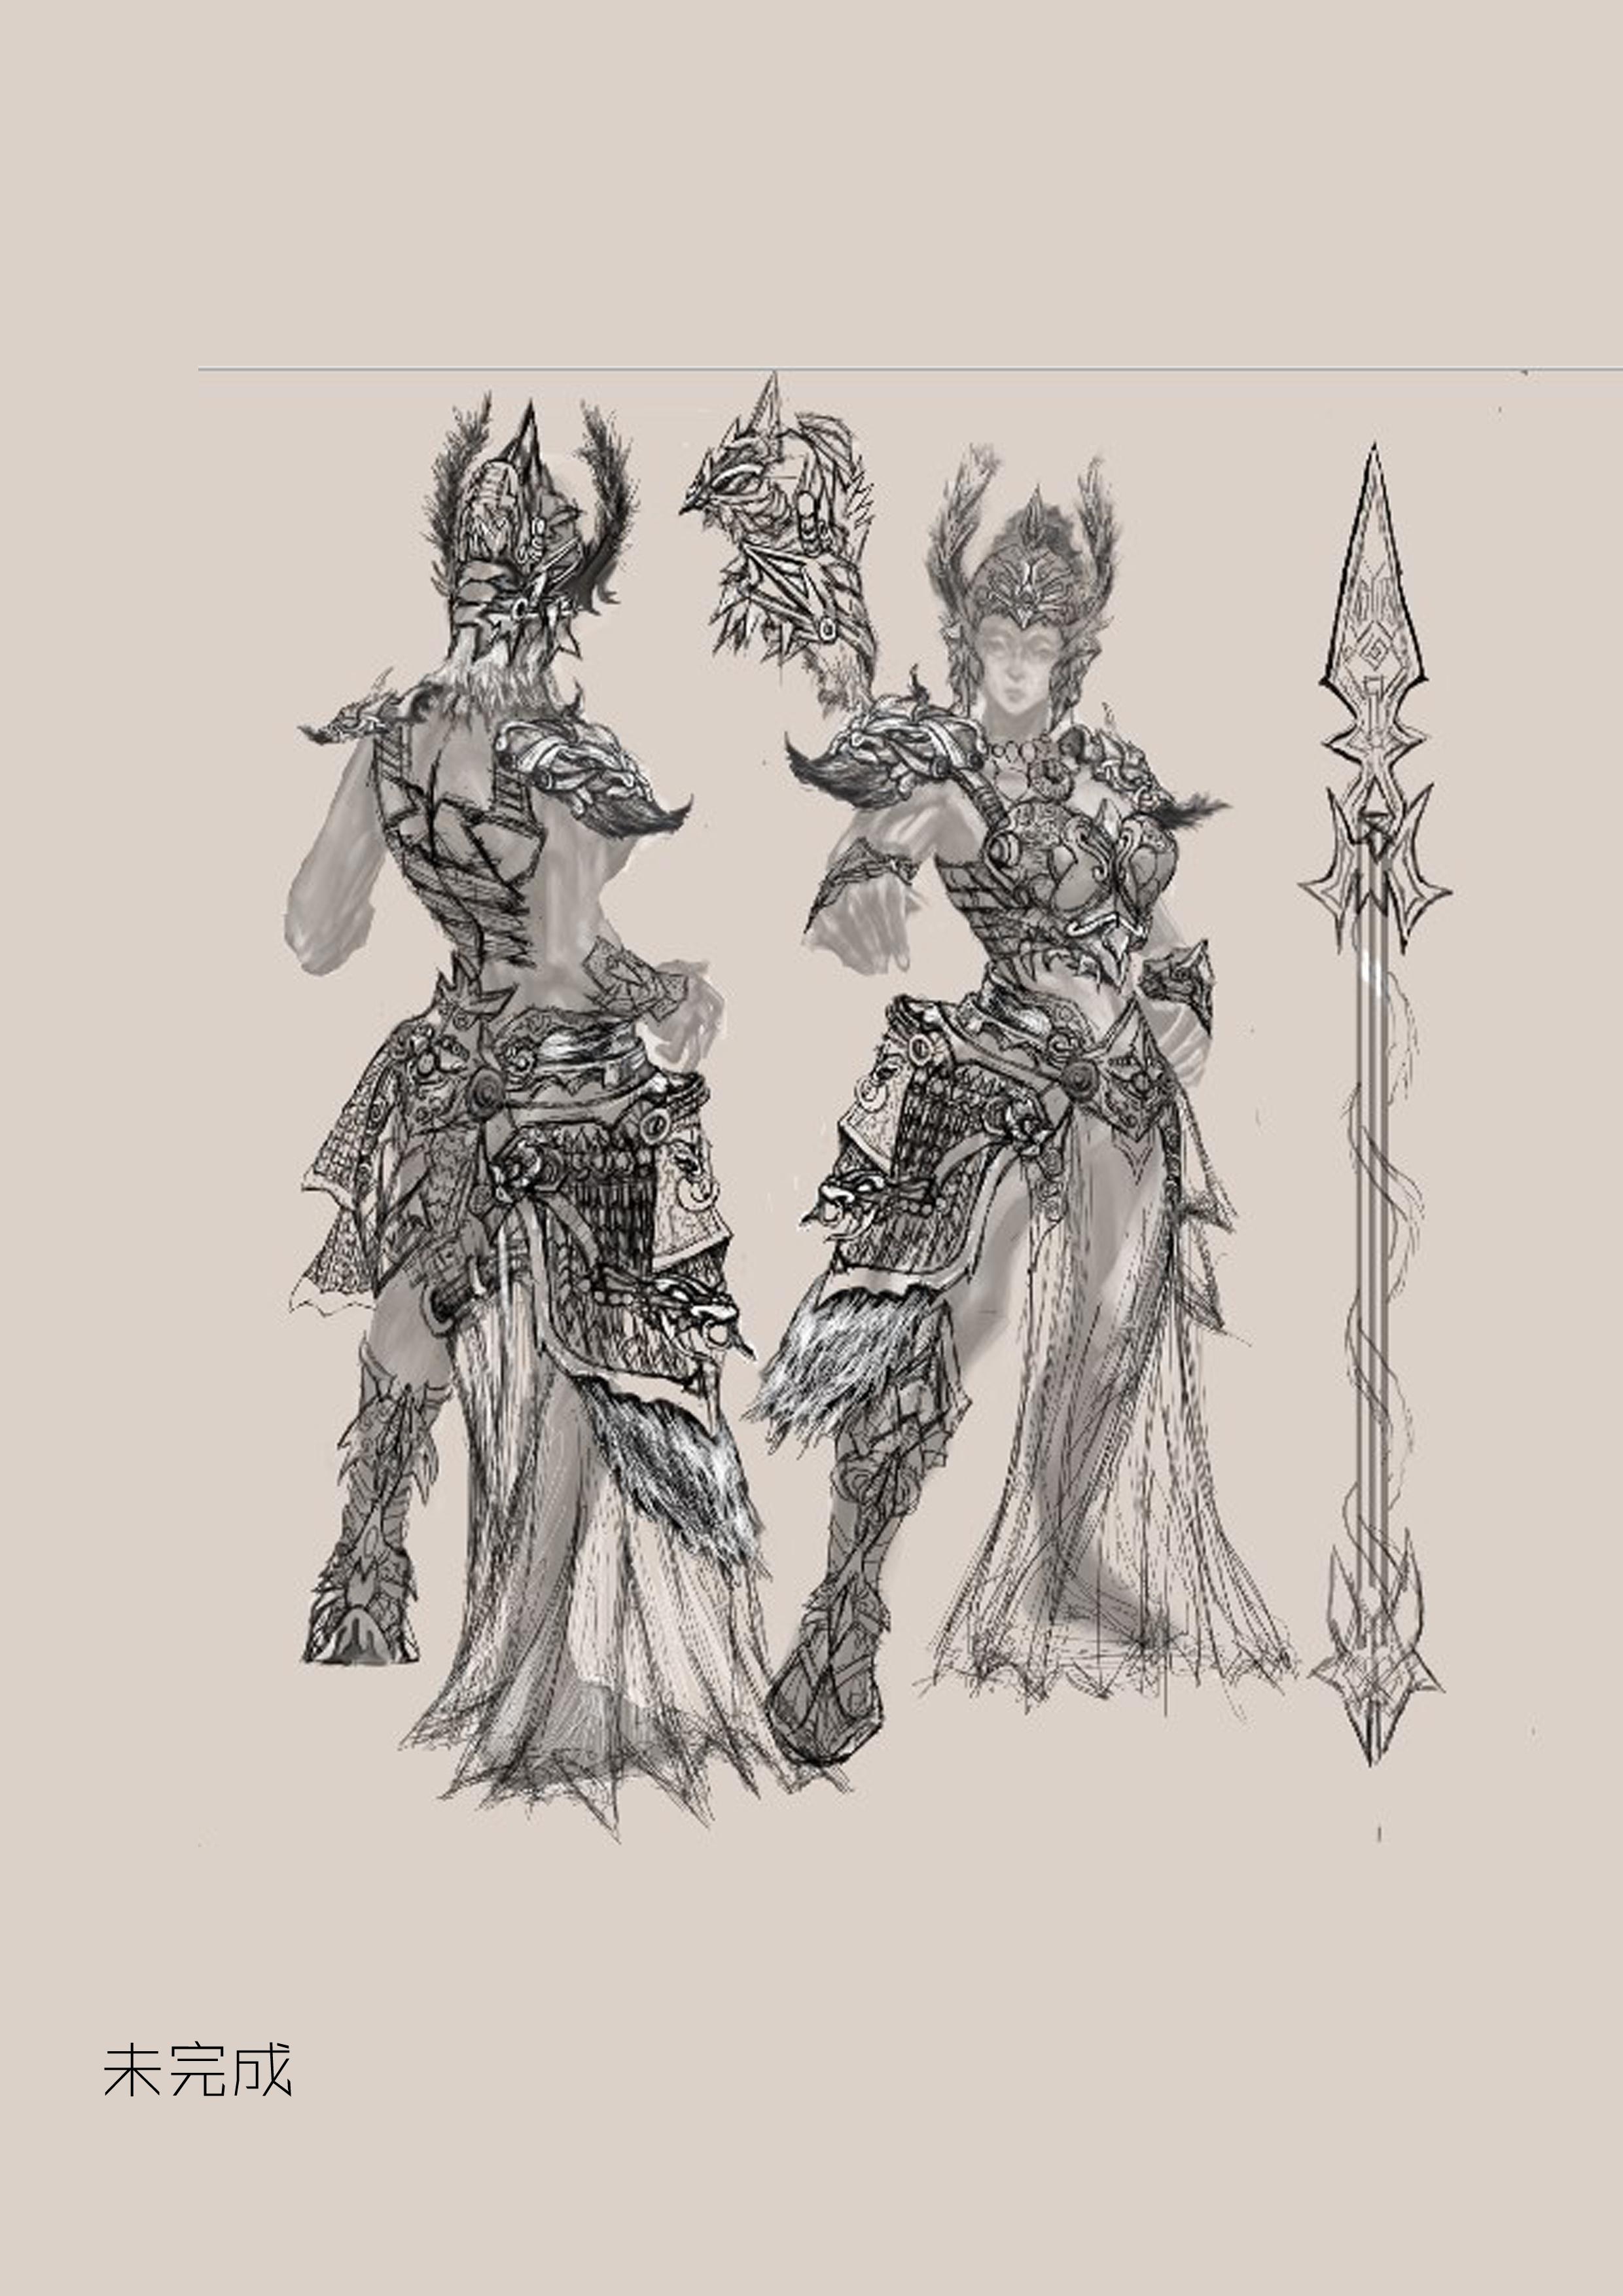 女 战士 装备 武器 人物设定 原画设计 npc 游戏原画 手绘